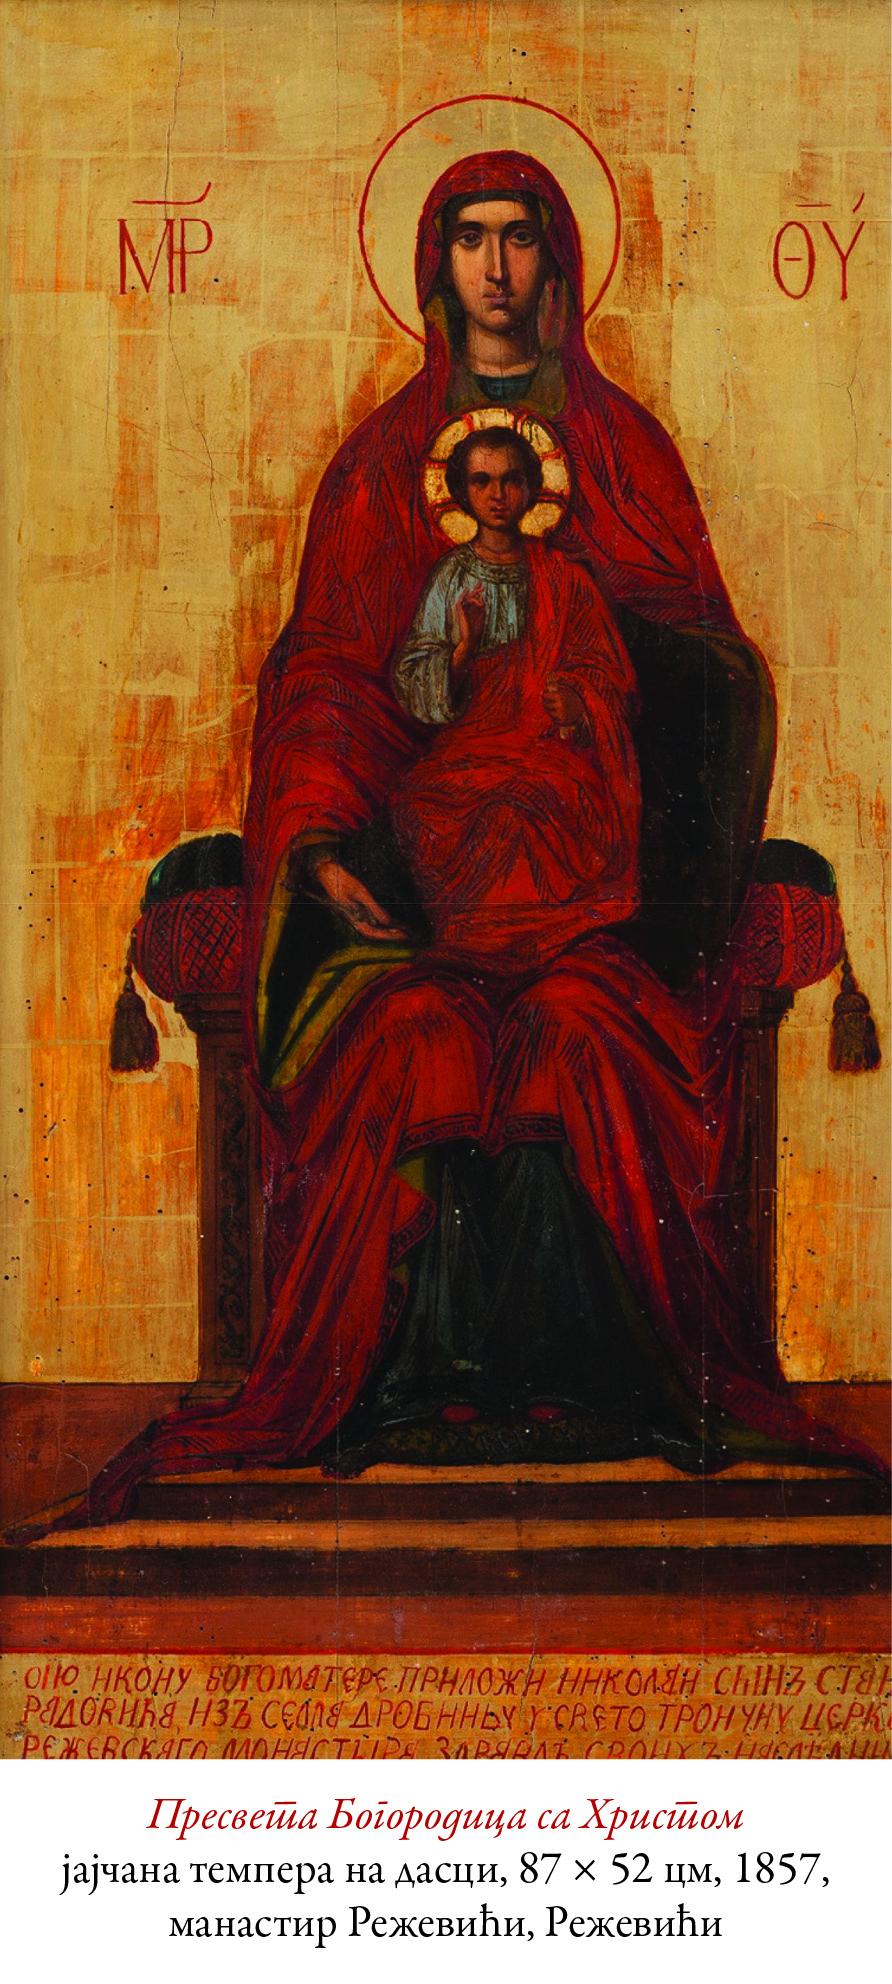 Bogorodica sa Hristom